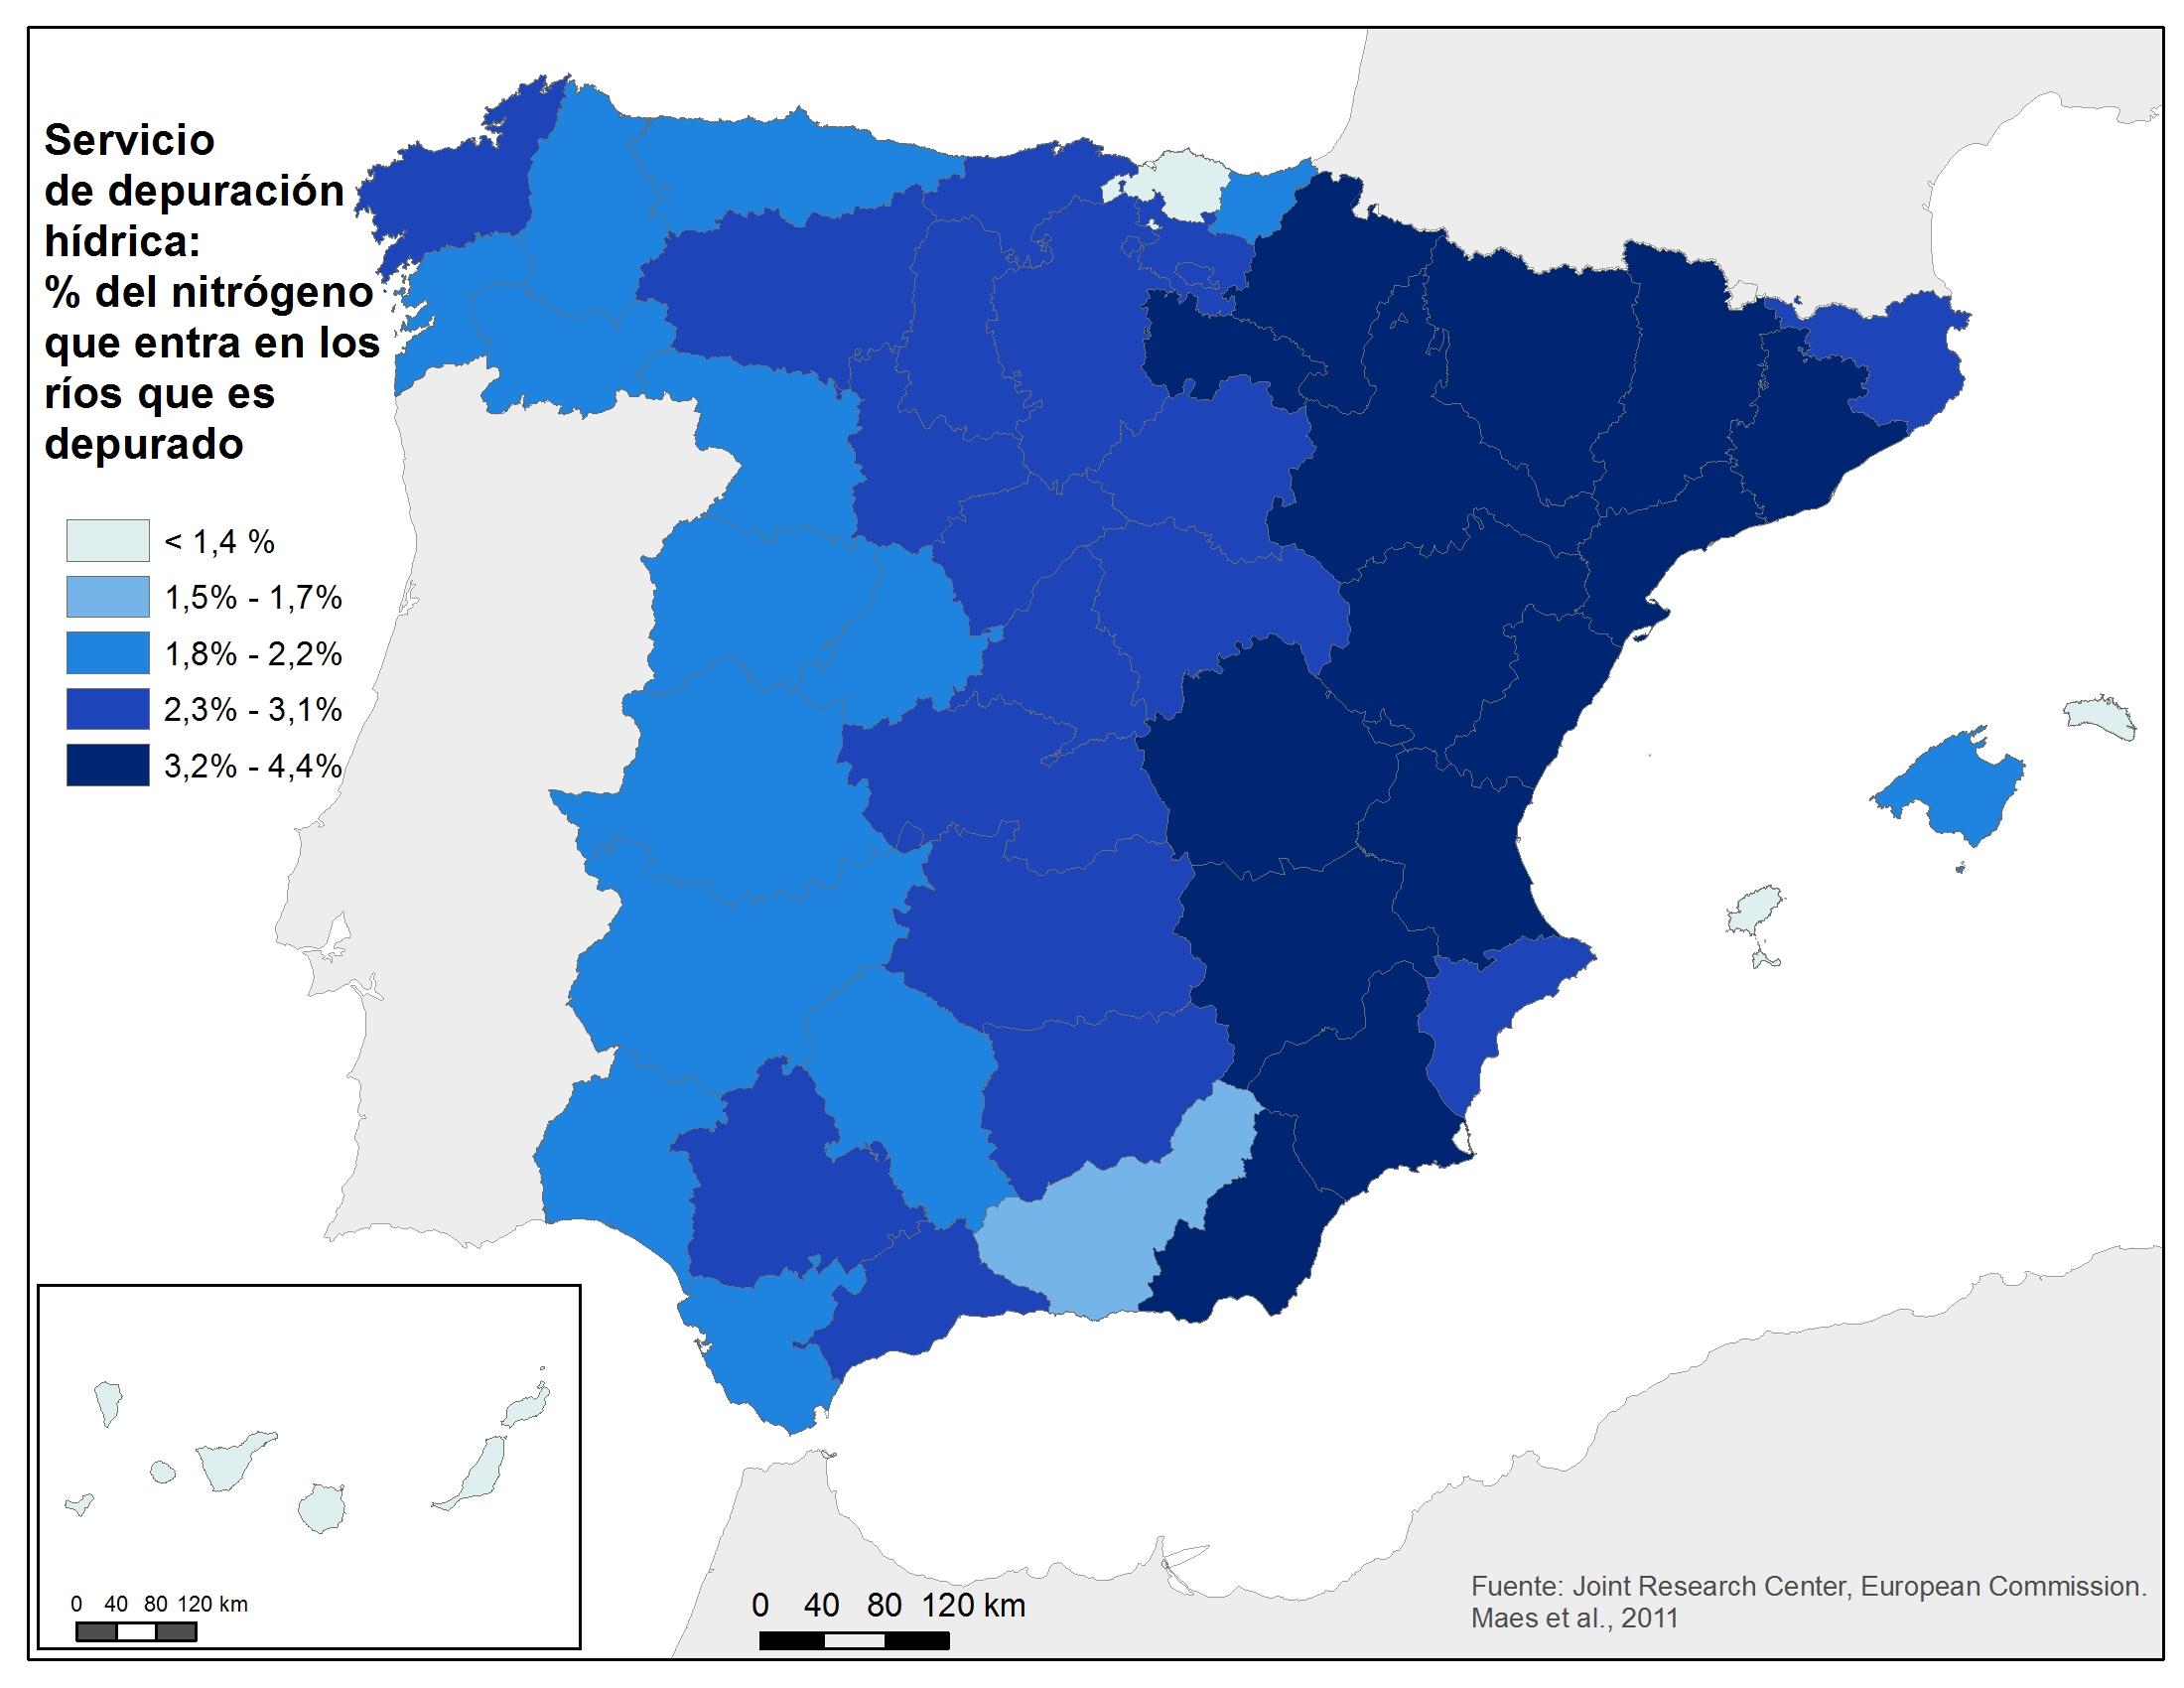 Mapa del servicio de depuración hídrica (%N que entra en los ríos ...